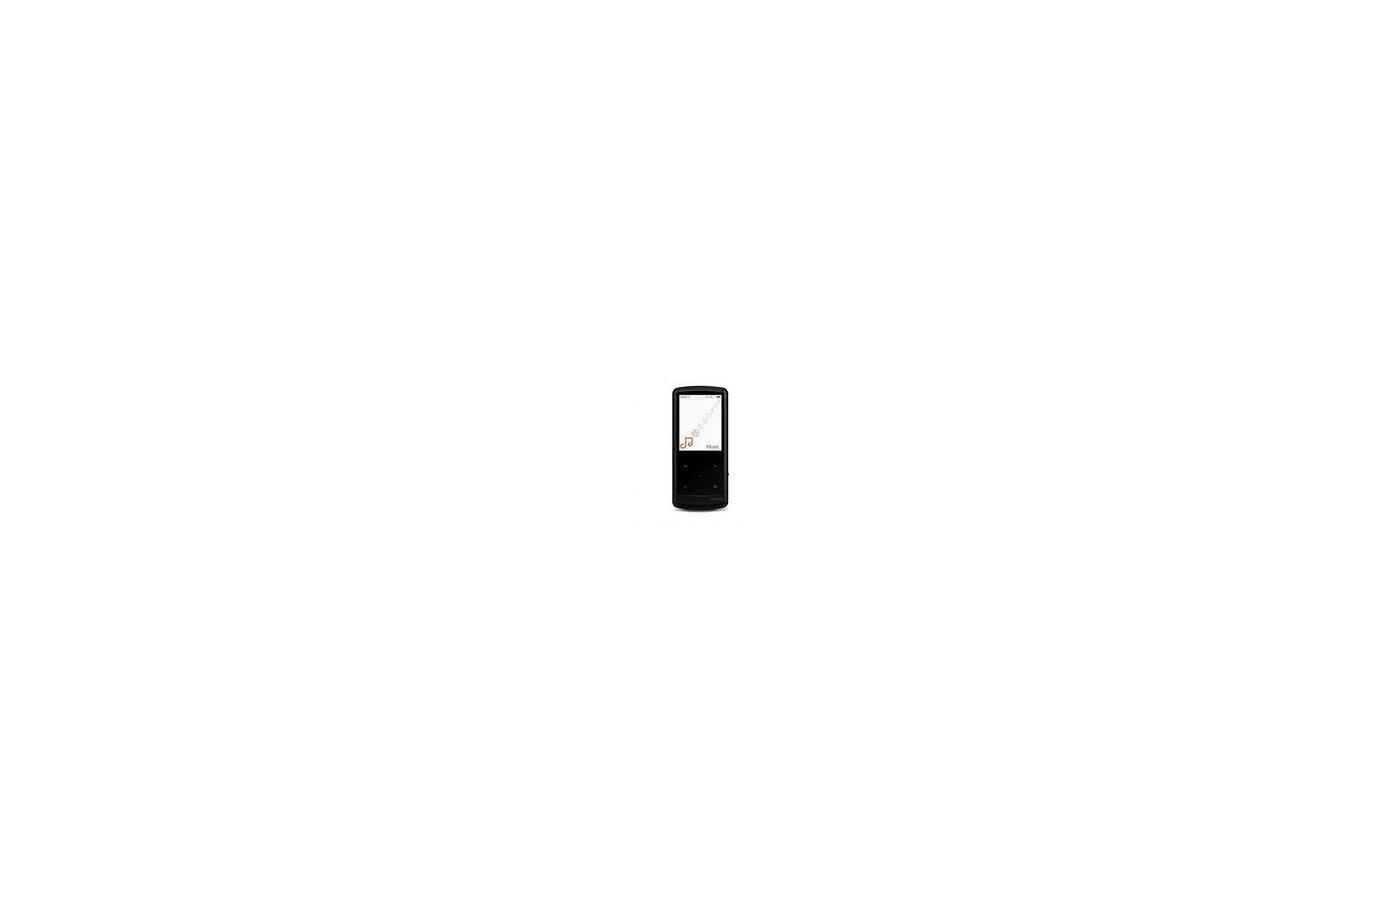 МР3 плеер Cowon Iaudio 9+ 16 черный